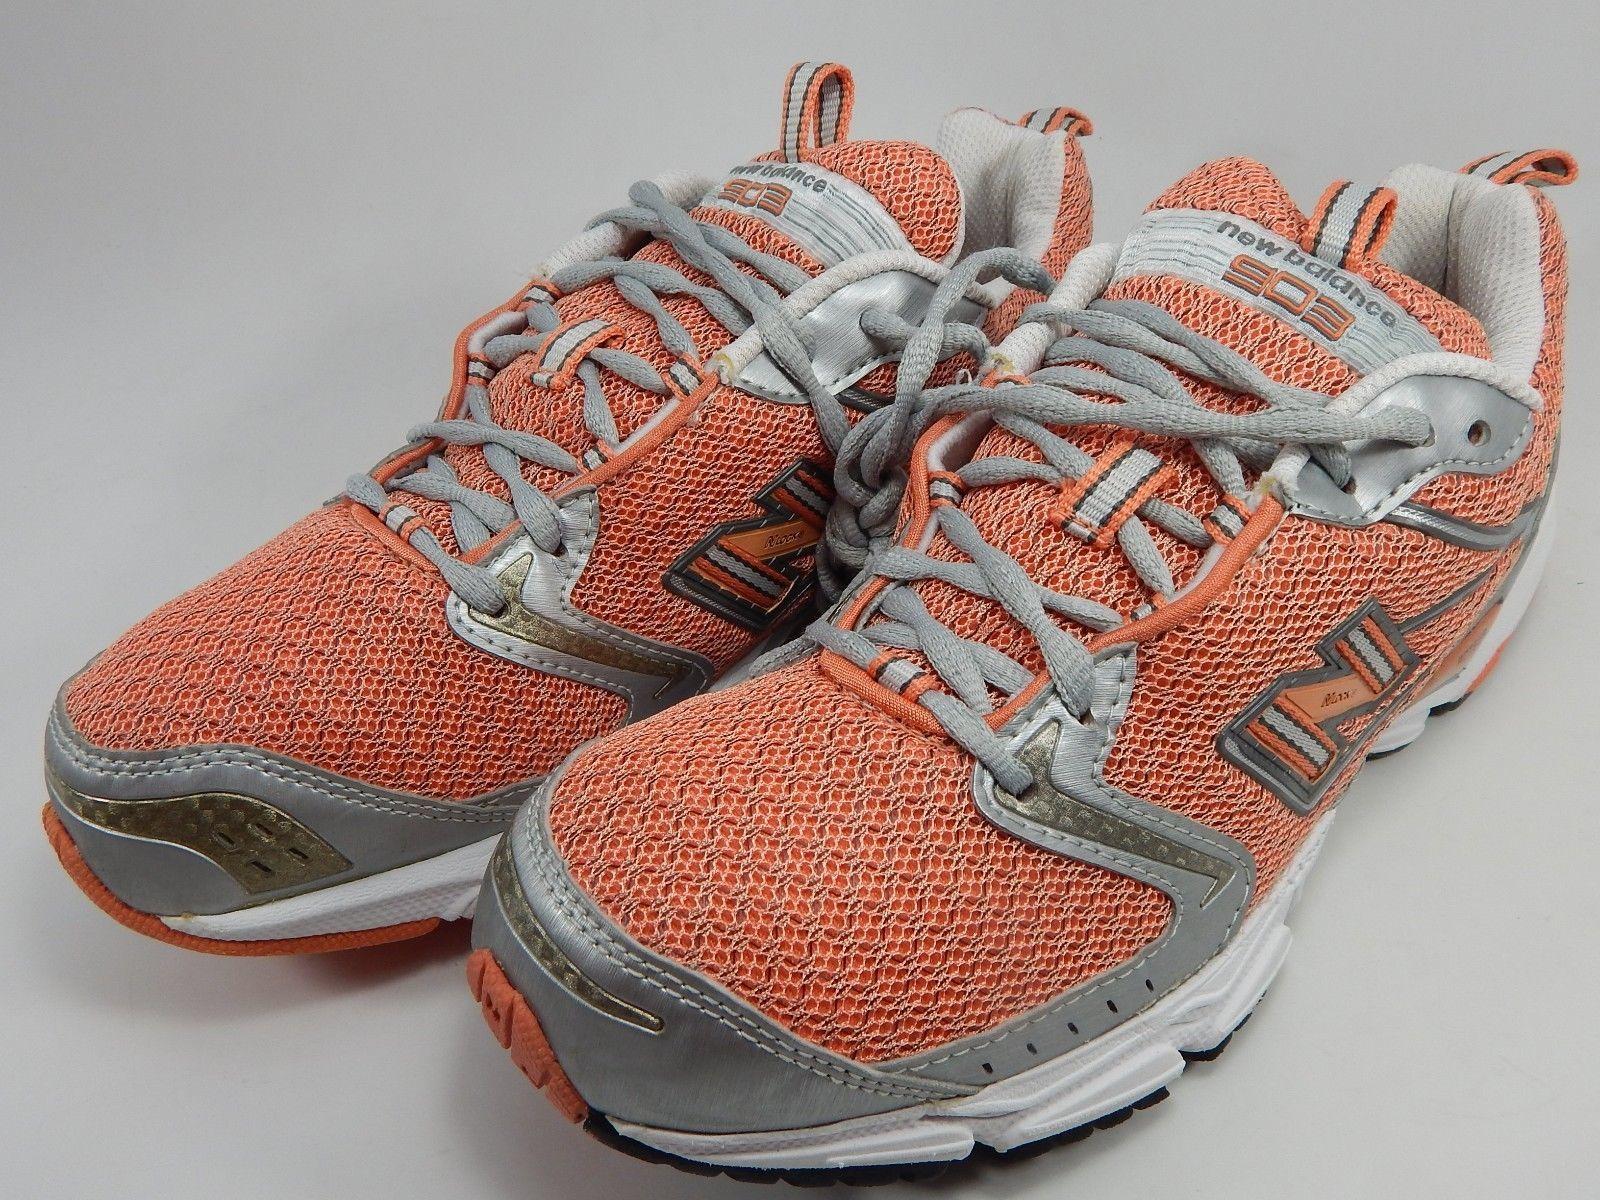 New Balance 903 Women's Running Shoes Size US 9.5 M (B) EU 41 Pink WR903LW